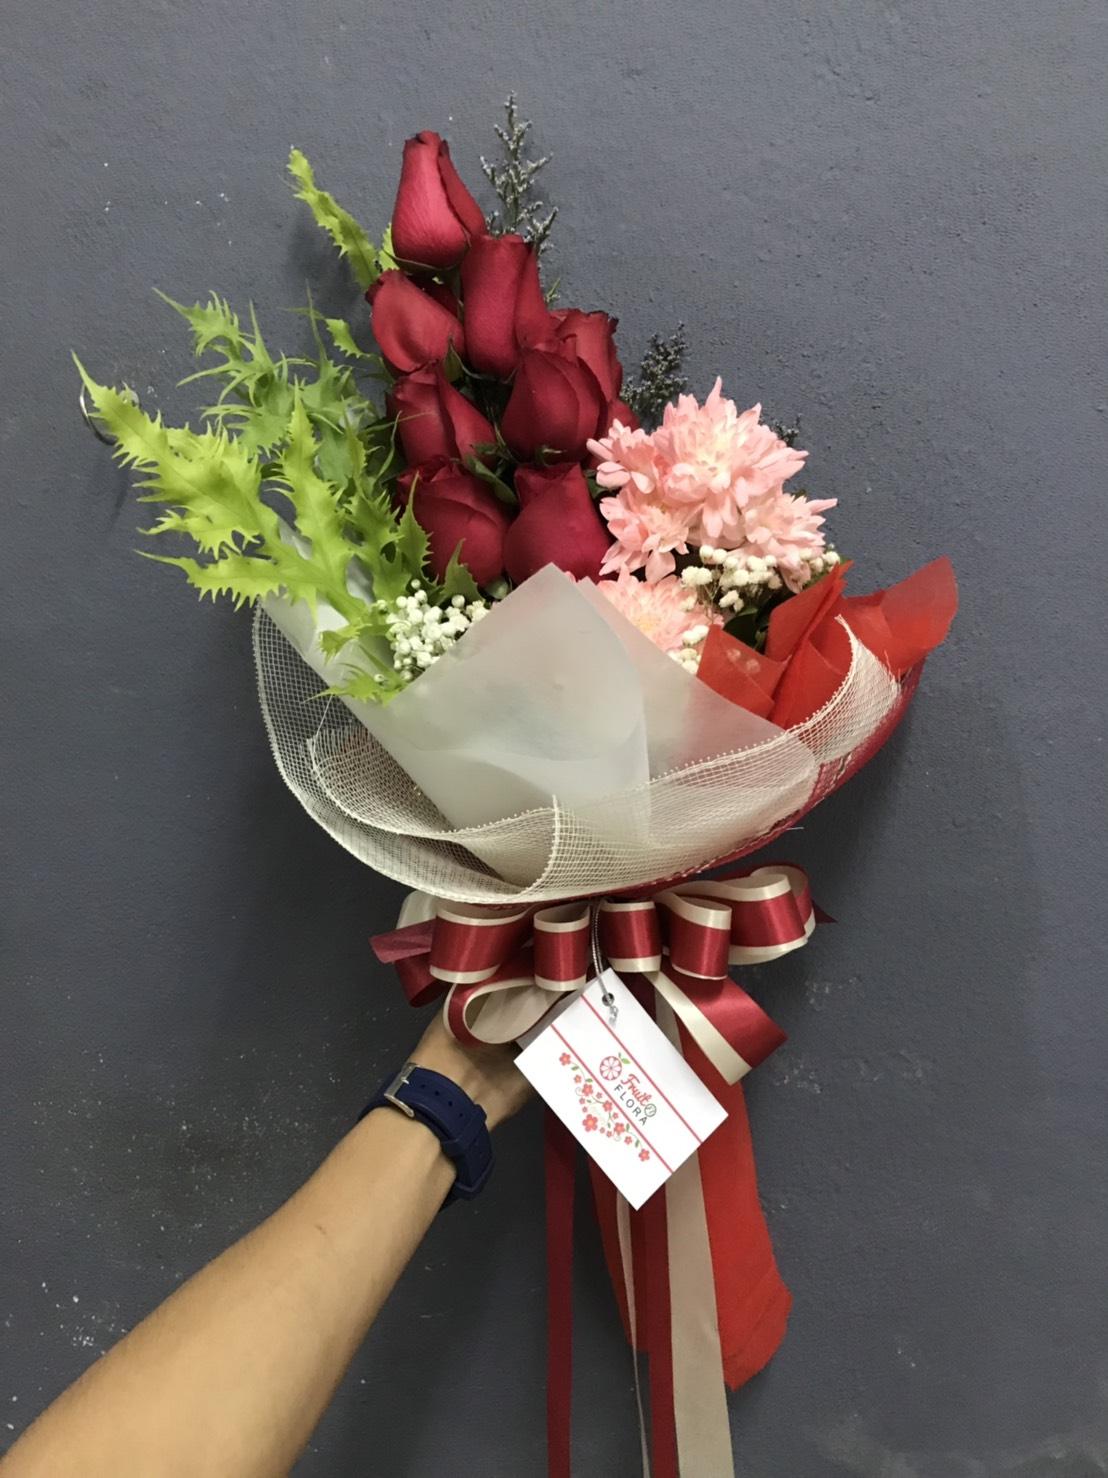 ดอกกุหลาบแดงจัดเป็นช่อดอกไม้ แซมเพิ่มเติมด้วยดอกไม้หลายชนิด